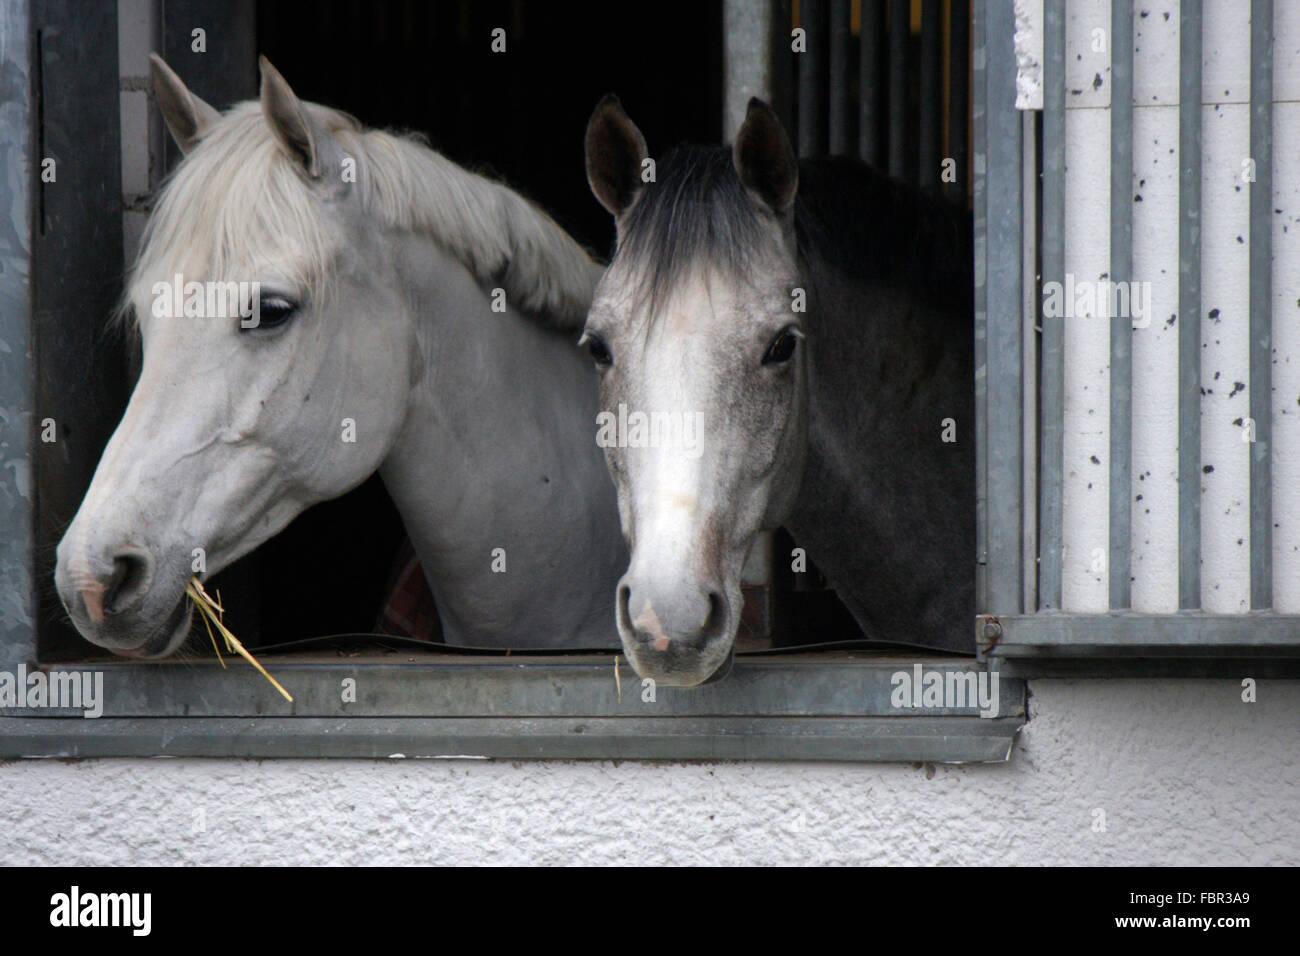 Pferde, Dallgow, Brandenburg. - Stock Image